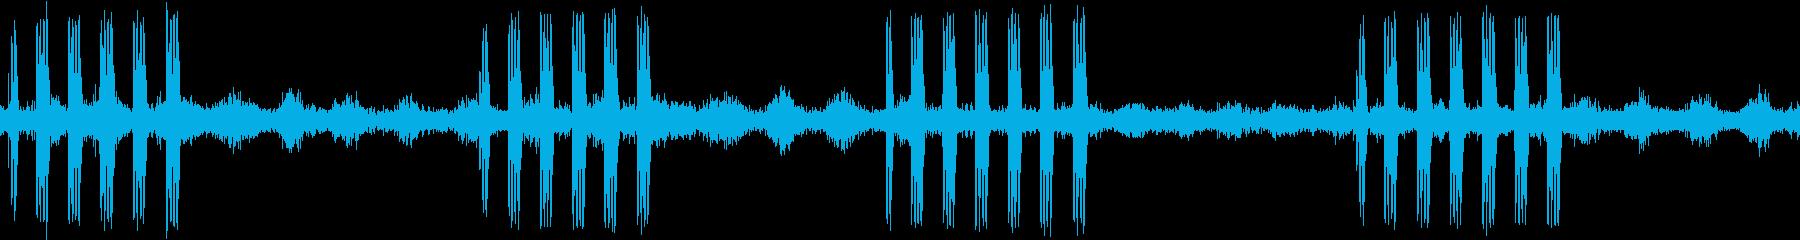 【生録音】ループで使える秋の虫の声 8の再生済みの波形